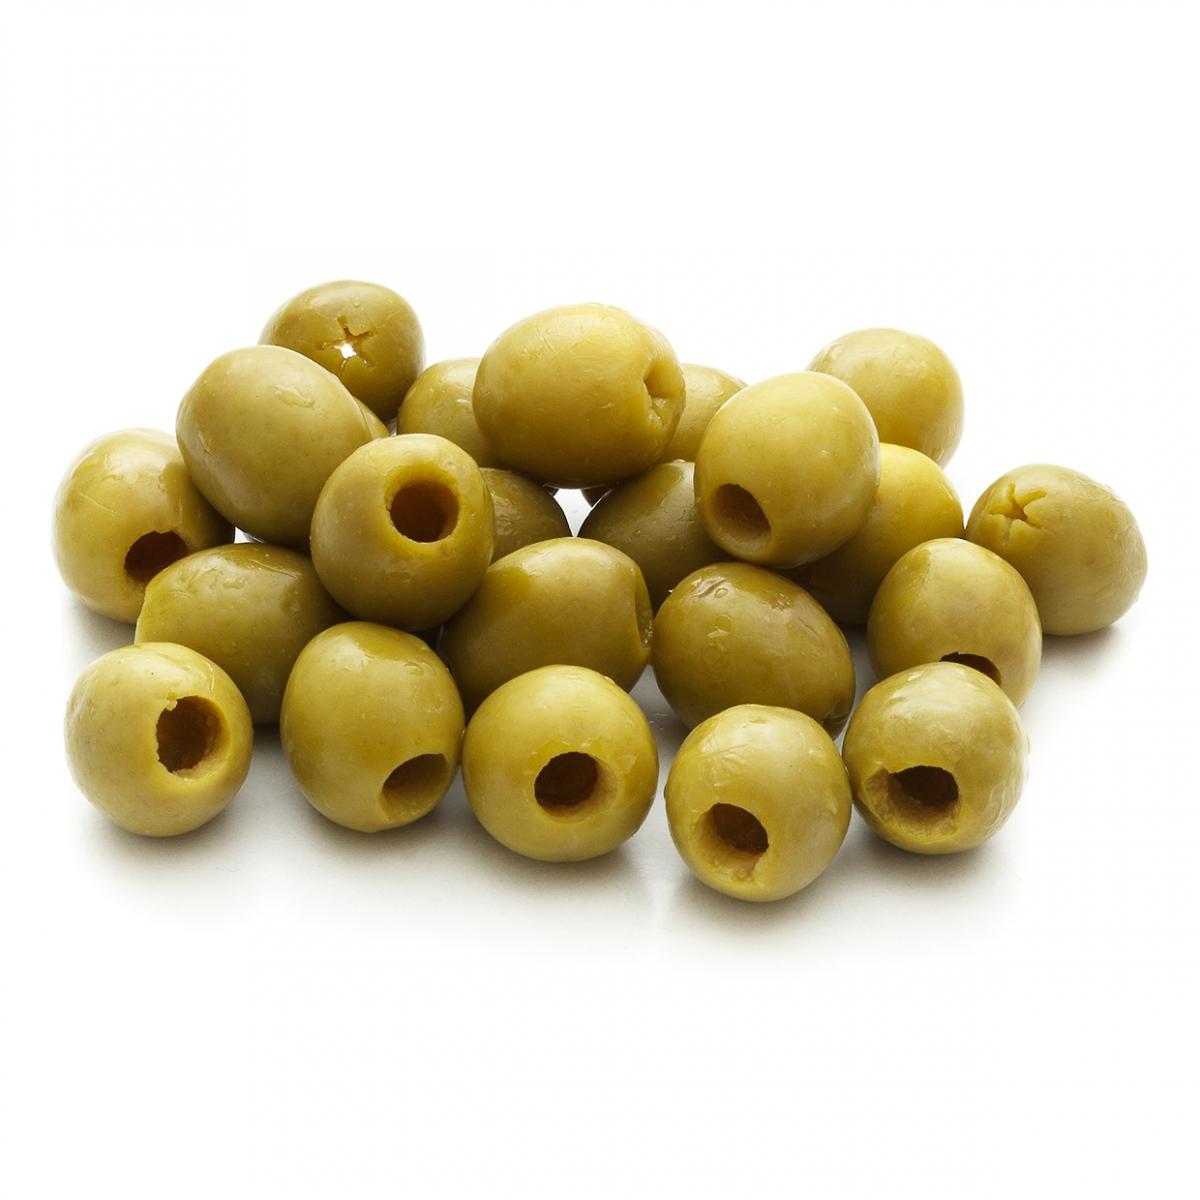 Imagen en la que se ve un montón de olivas verdes rellenas